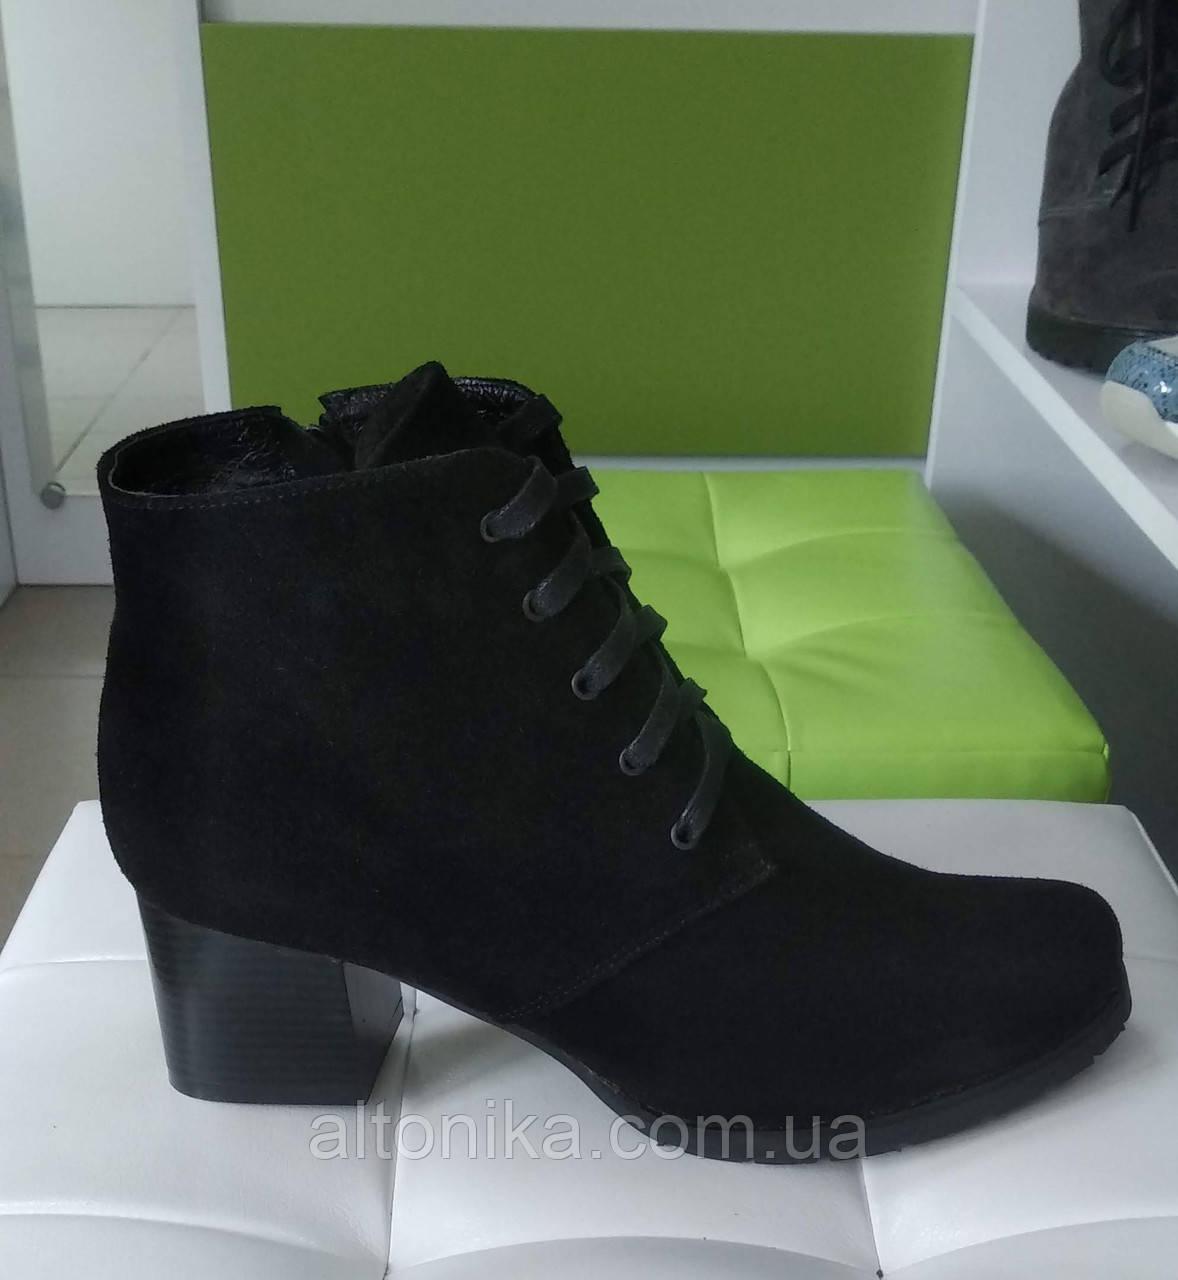 STTOPA деми зима. Размеры 42-43. Ботинки кожаные больших размеров! Каблук 6 см. С9-1-4243-6-4243 Черные